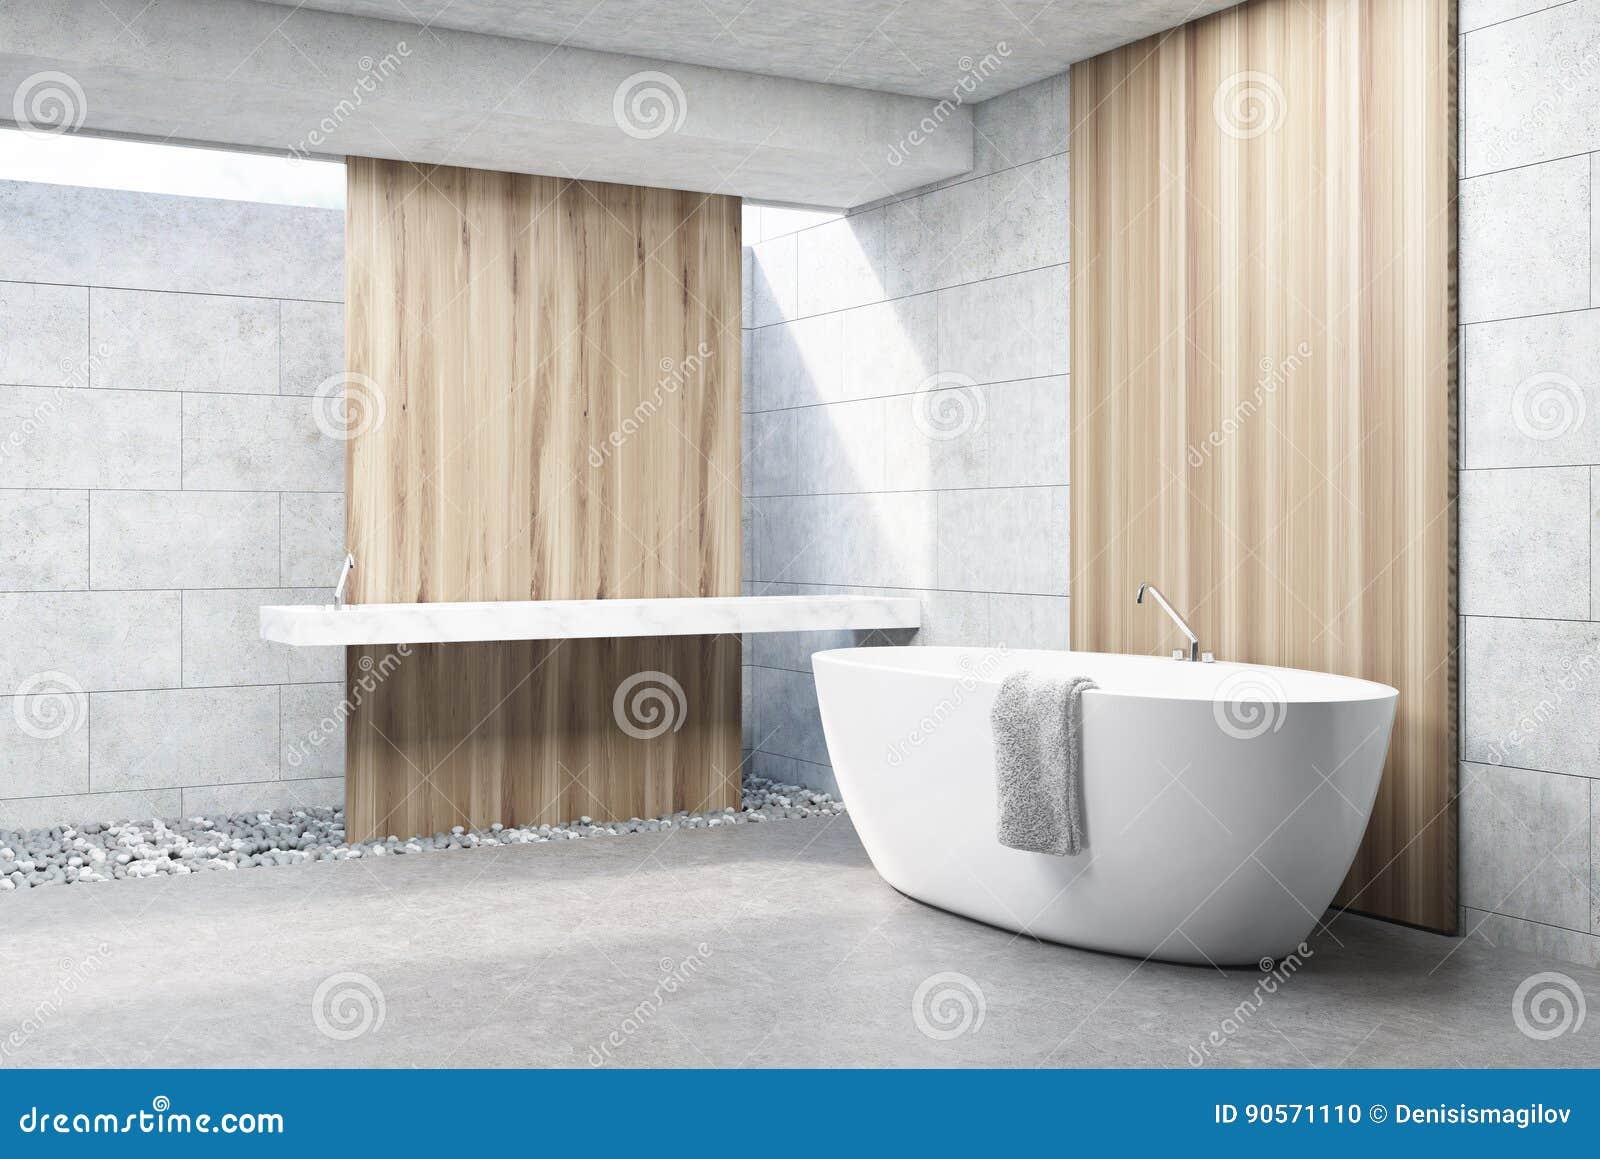 Szara Ceglana łazienka Biała Balia Strona Ilustracji